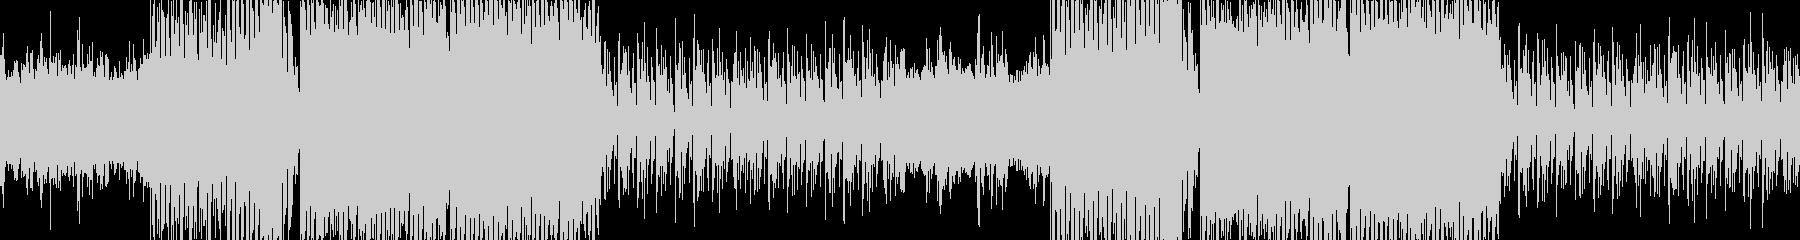 感動的・切ない・エンディング・EDMの未再生の波形